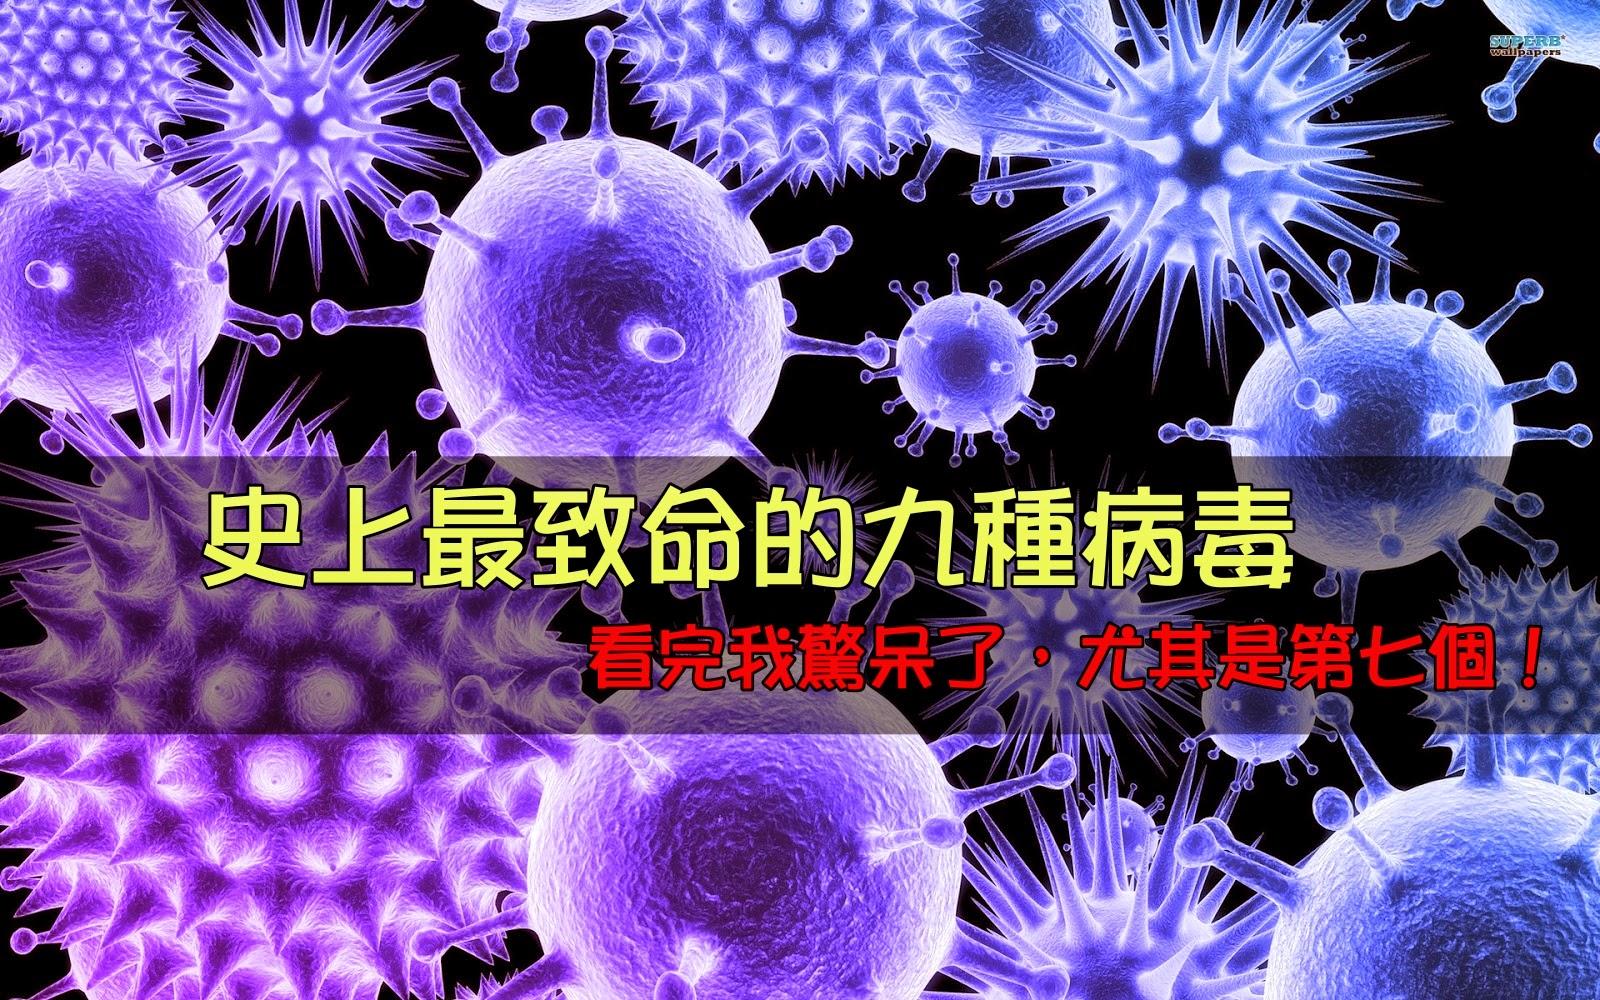 史上最致命的9種病毒,看完後我驚呆了,尤其是第7個...